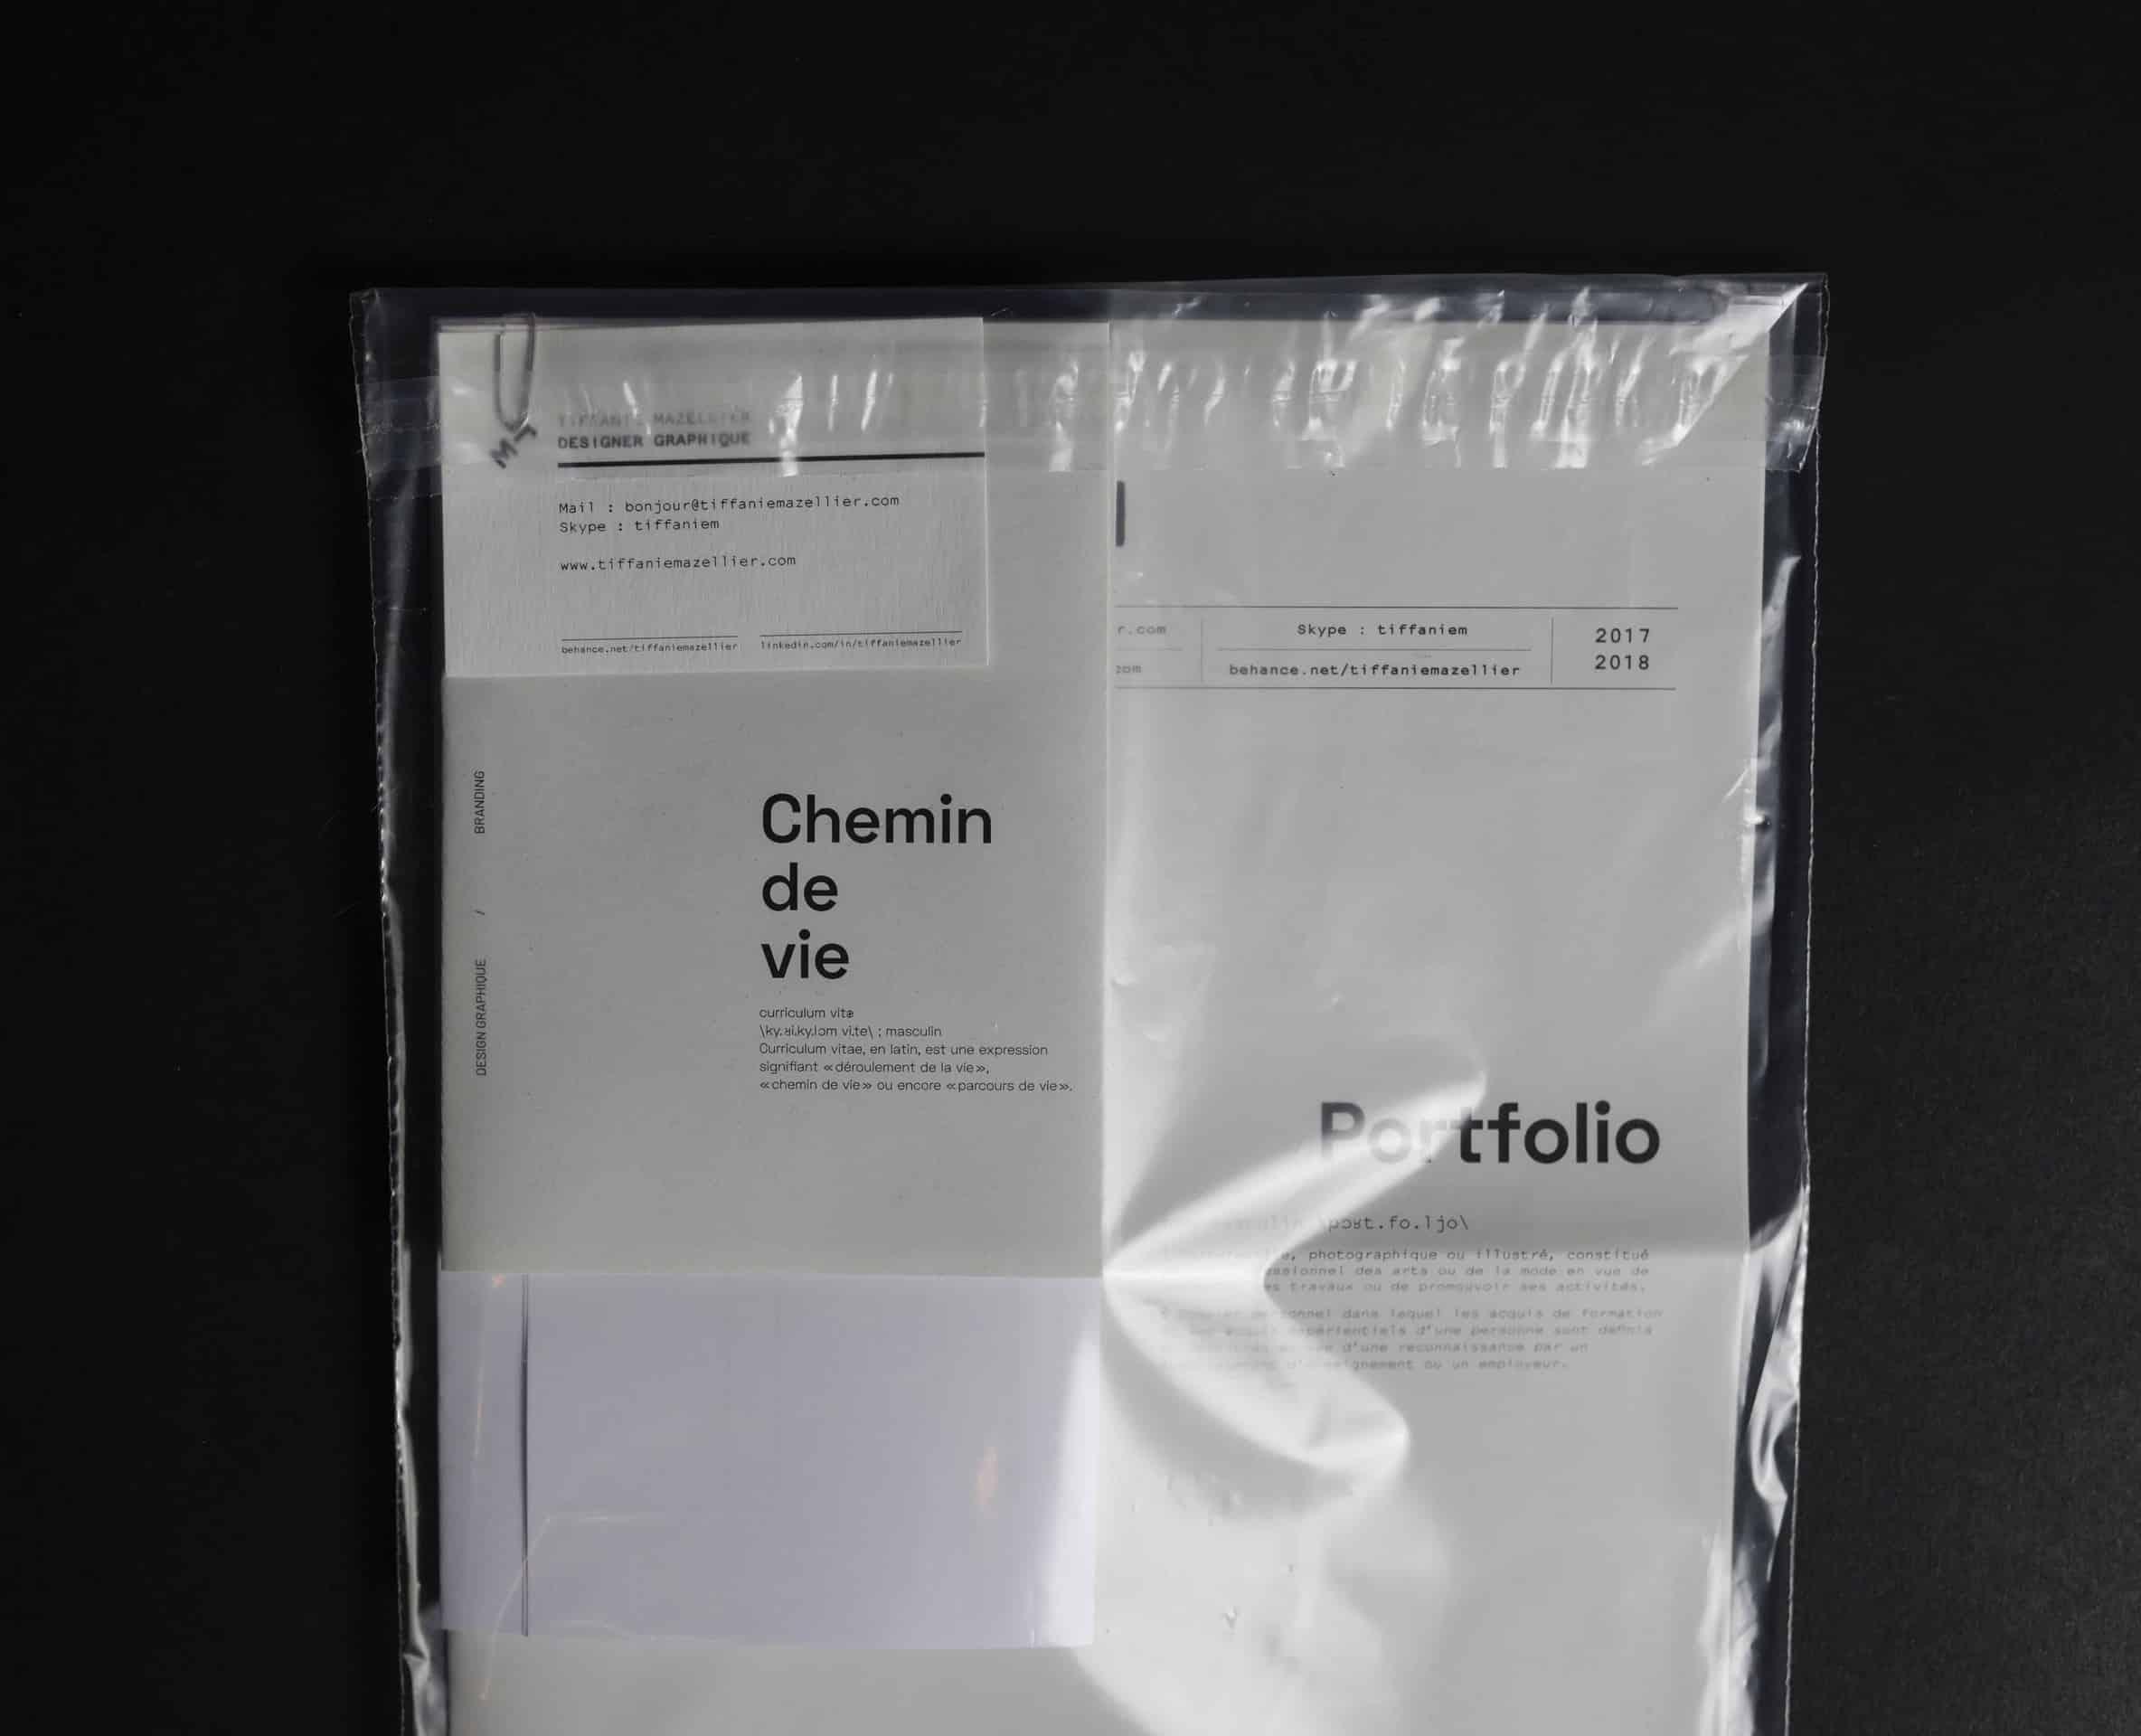 cv portfolio design ideas